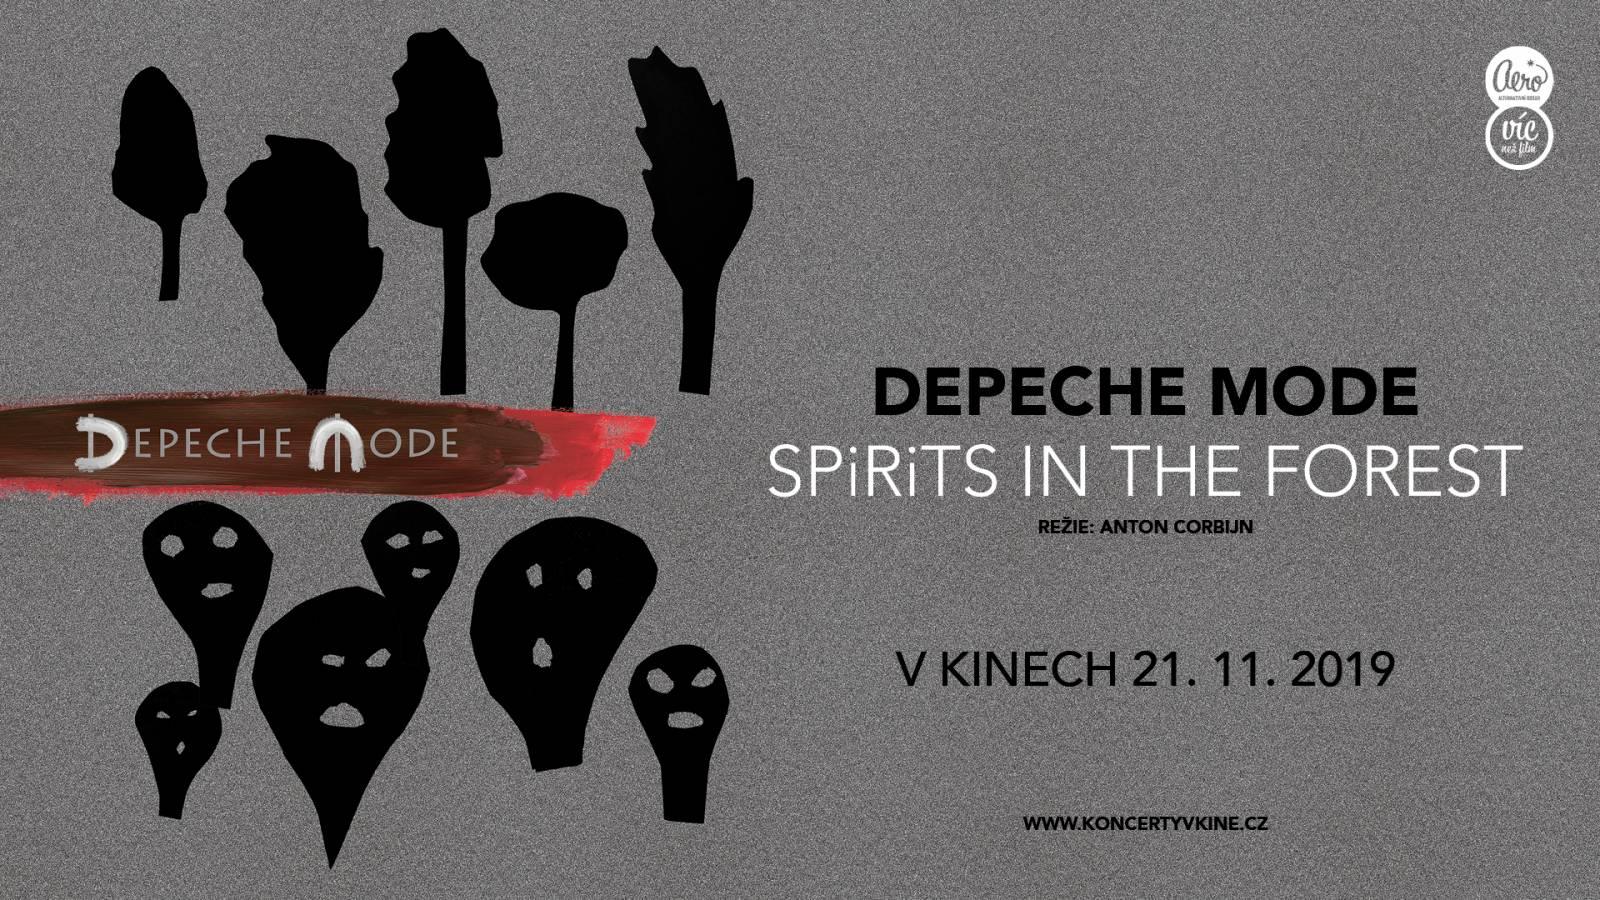 Depeche Mode v kinech